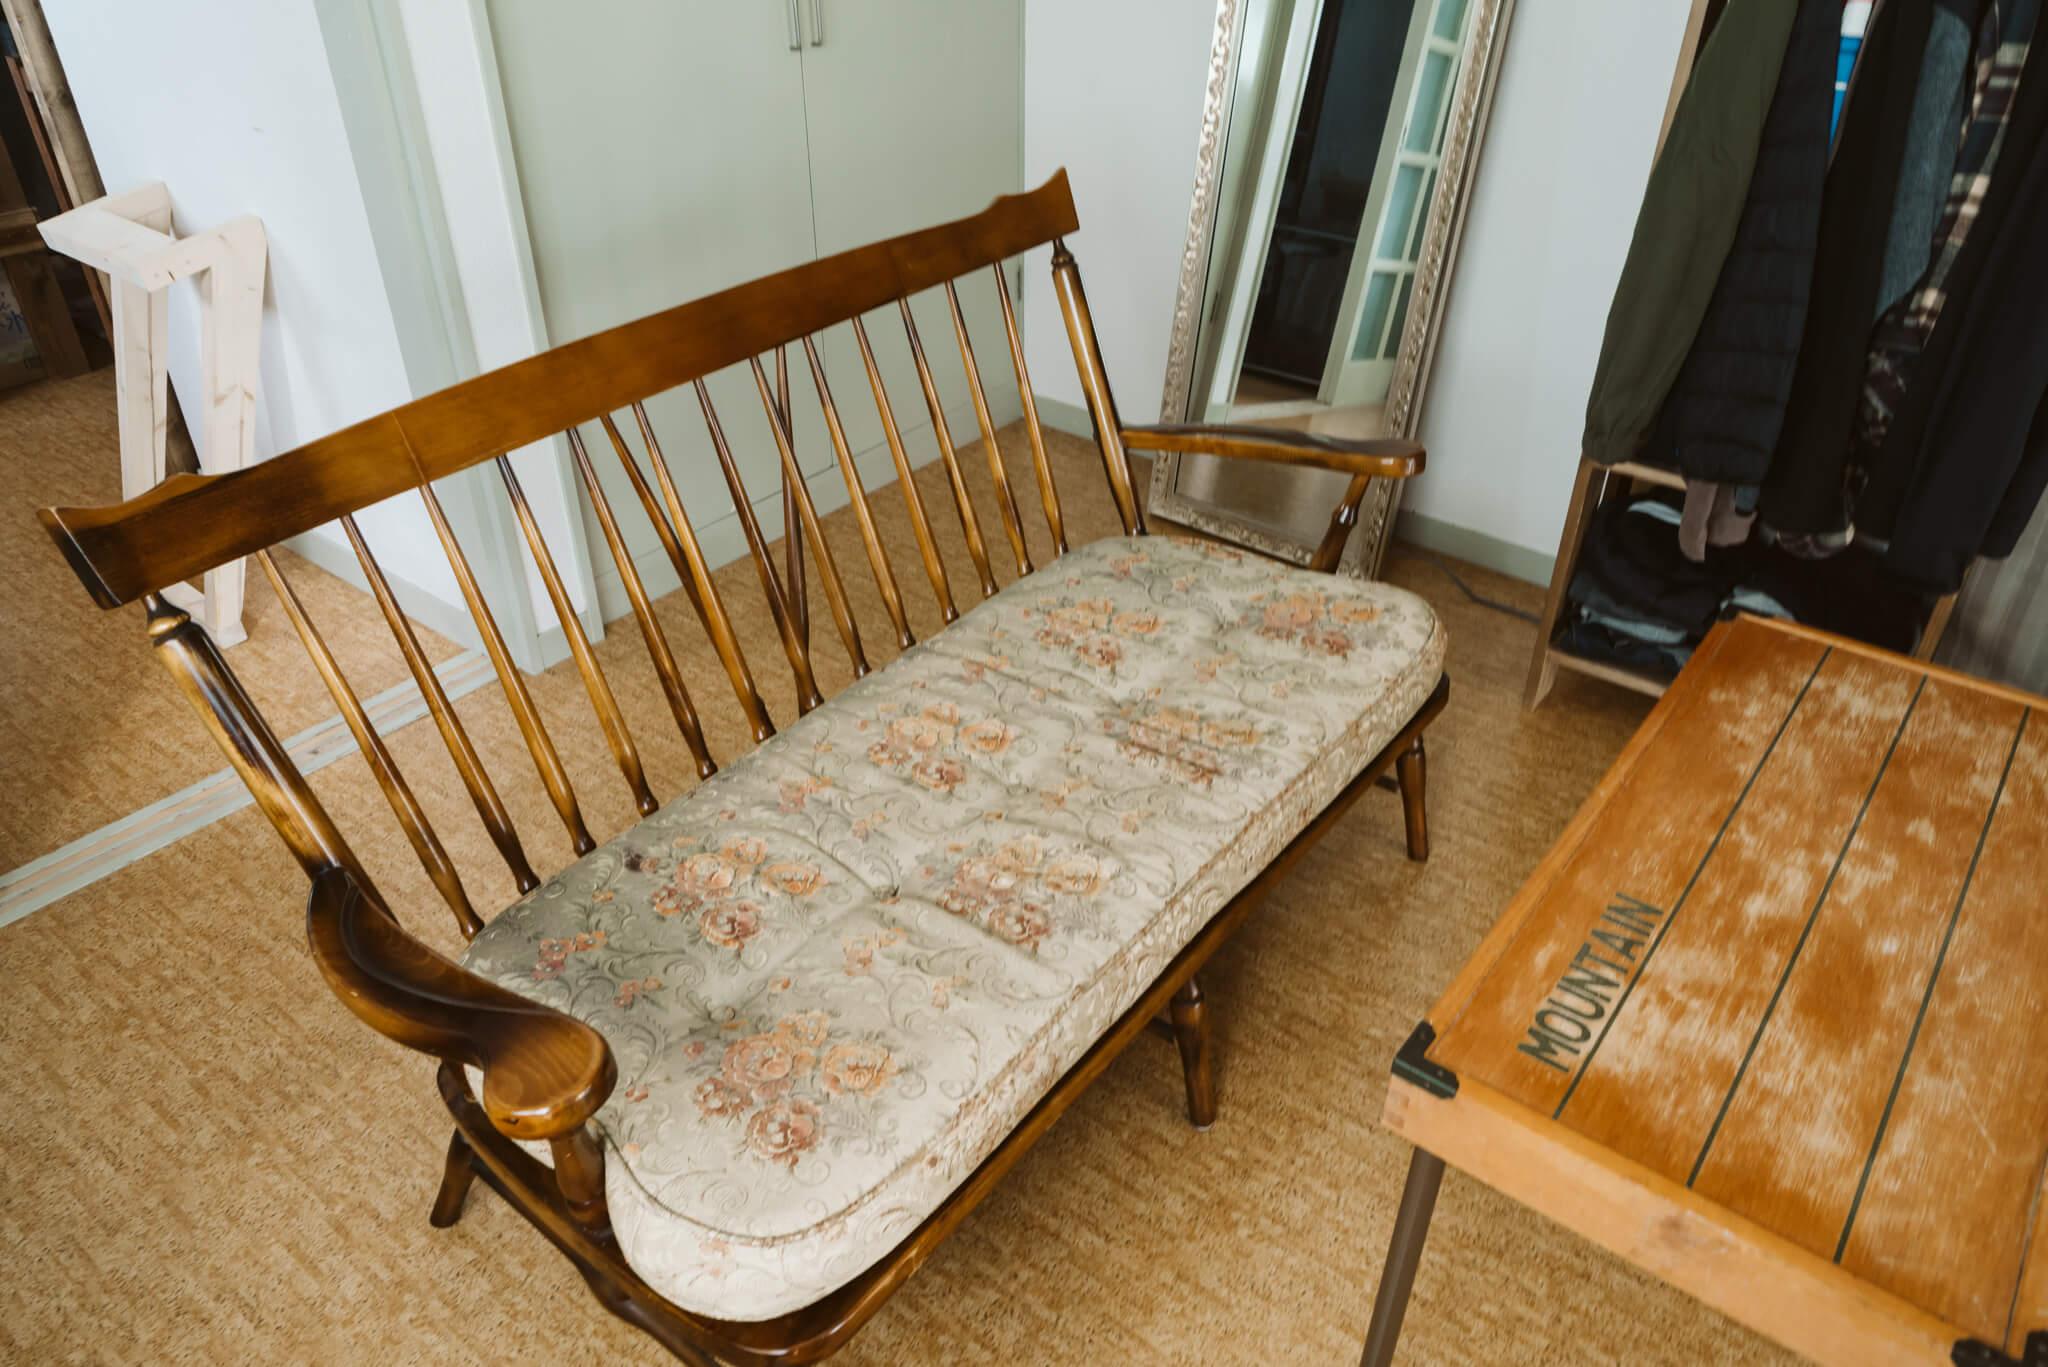 部屋の印象をグッと深みのあるものにしているヴィンテージのソファはカリモクのもの。